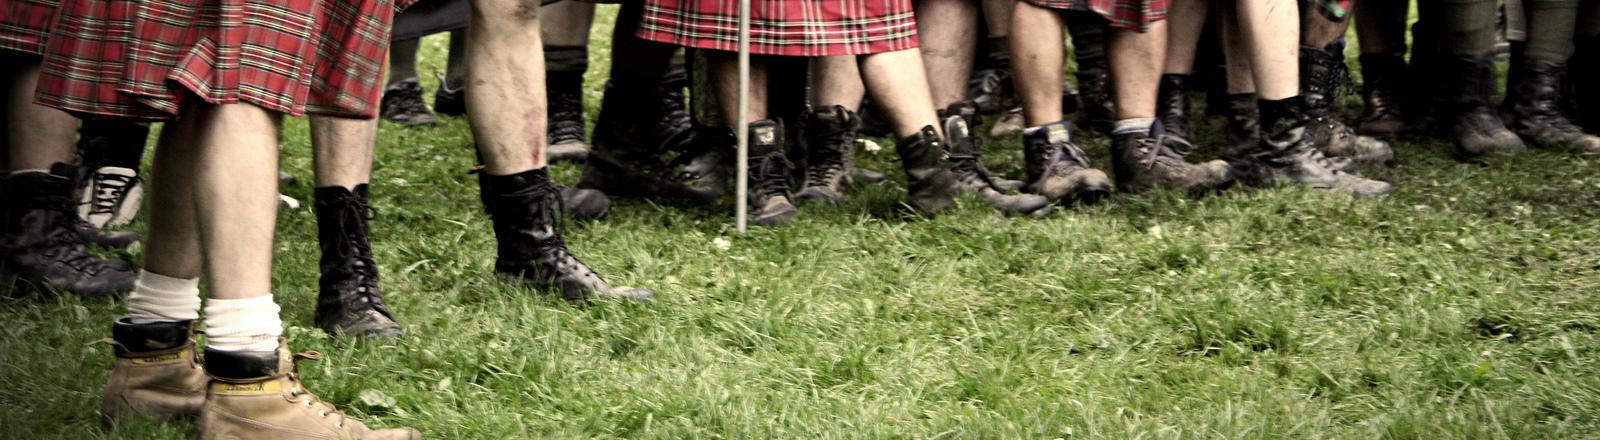 Männer stehen nebeneinander bekleidet mit Schottenröcken. Es sind nur die Röcke, nackten Waden und Schuhe zu sehen.